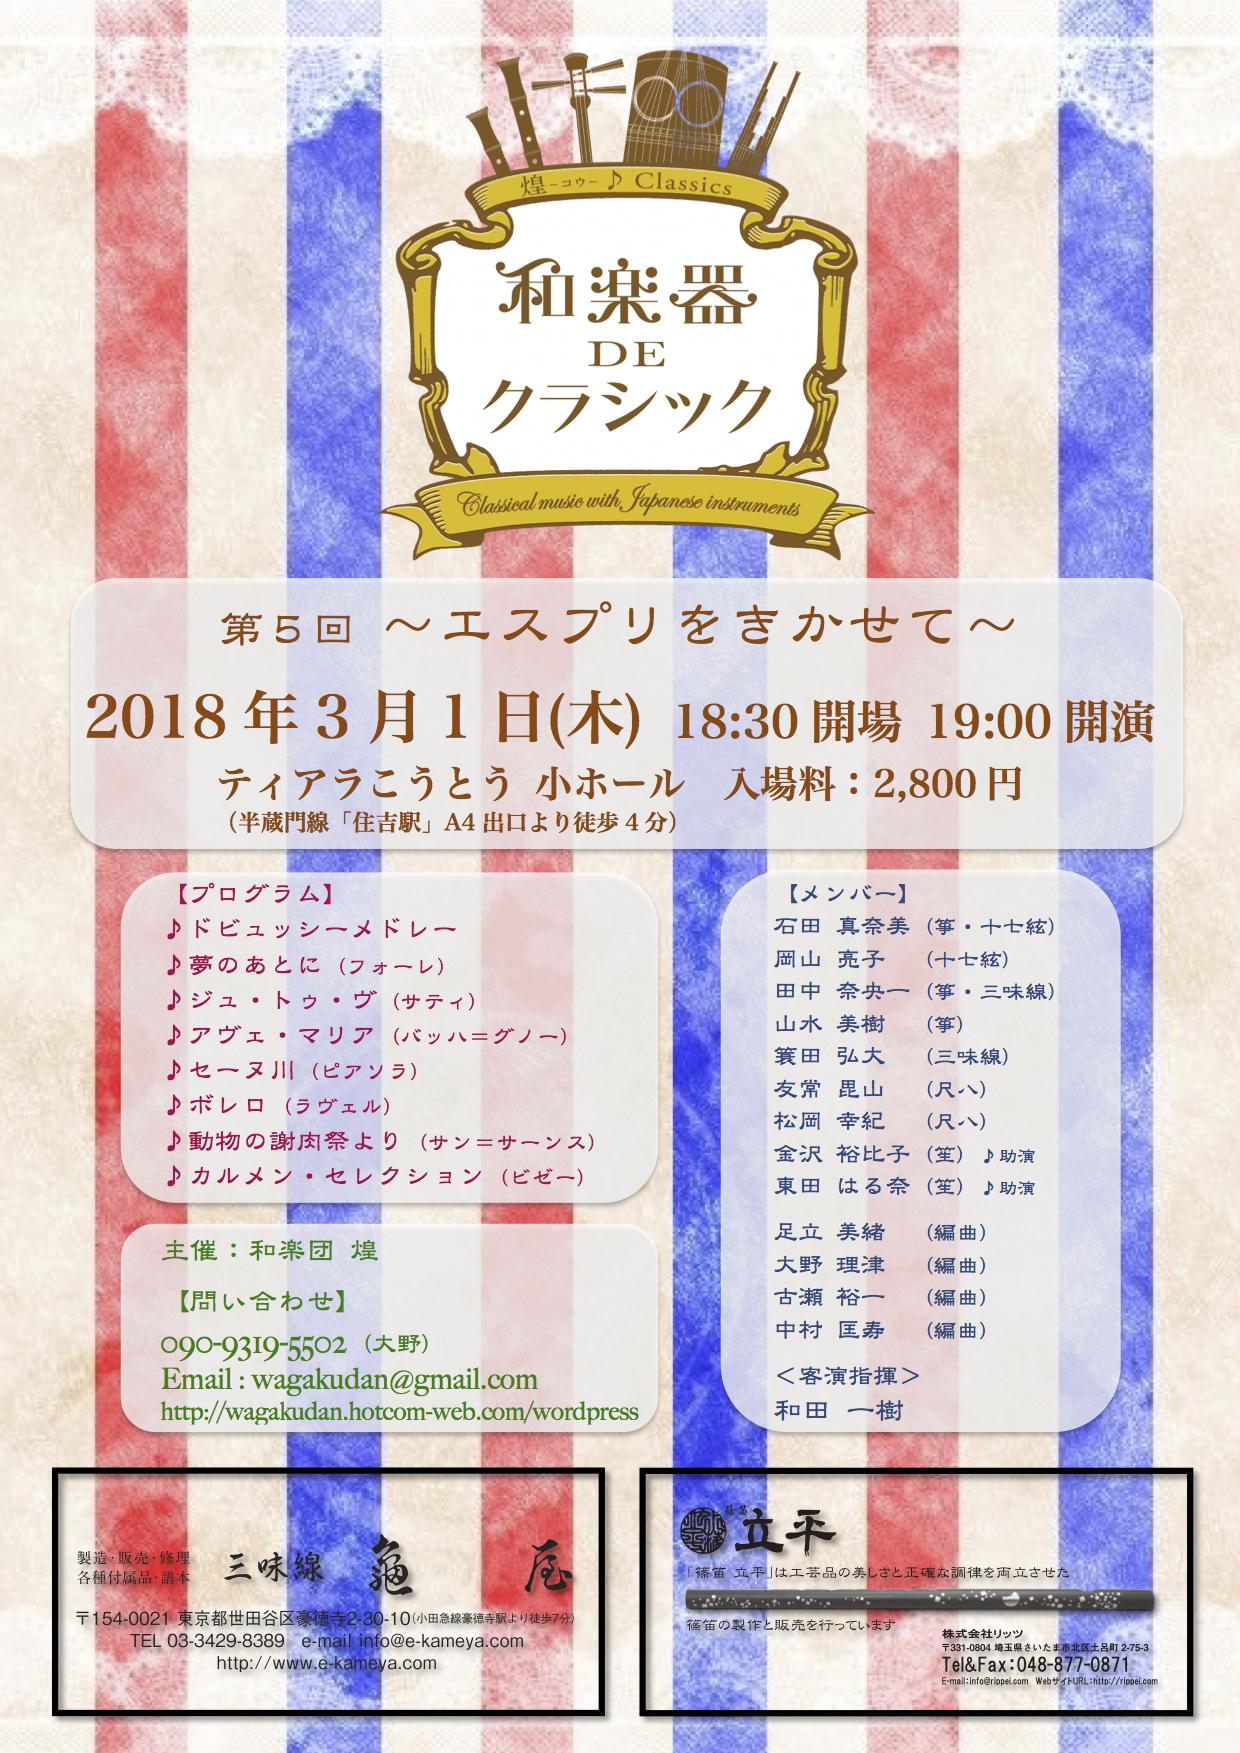 KohCla2018_Flyer